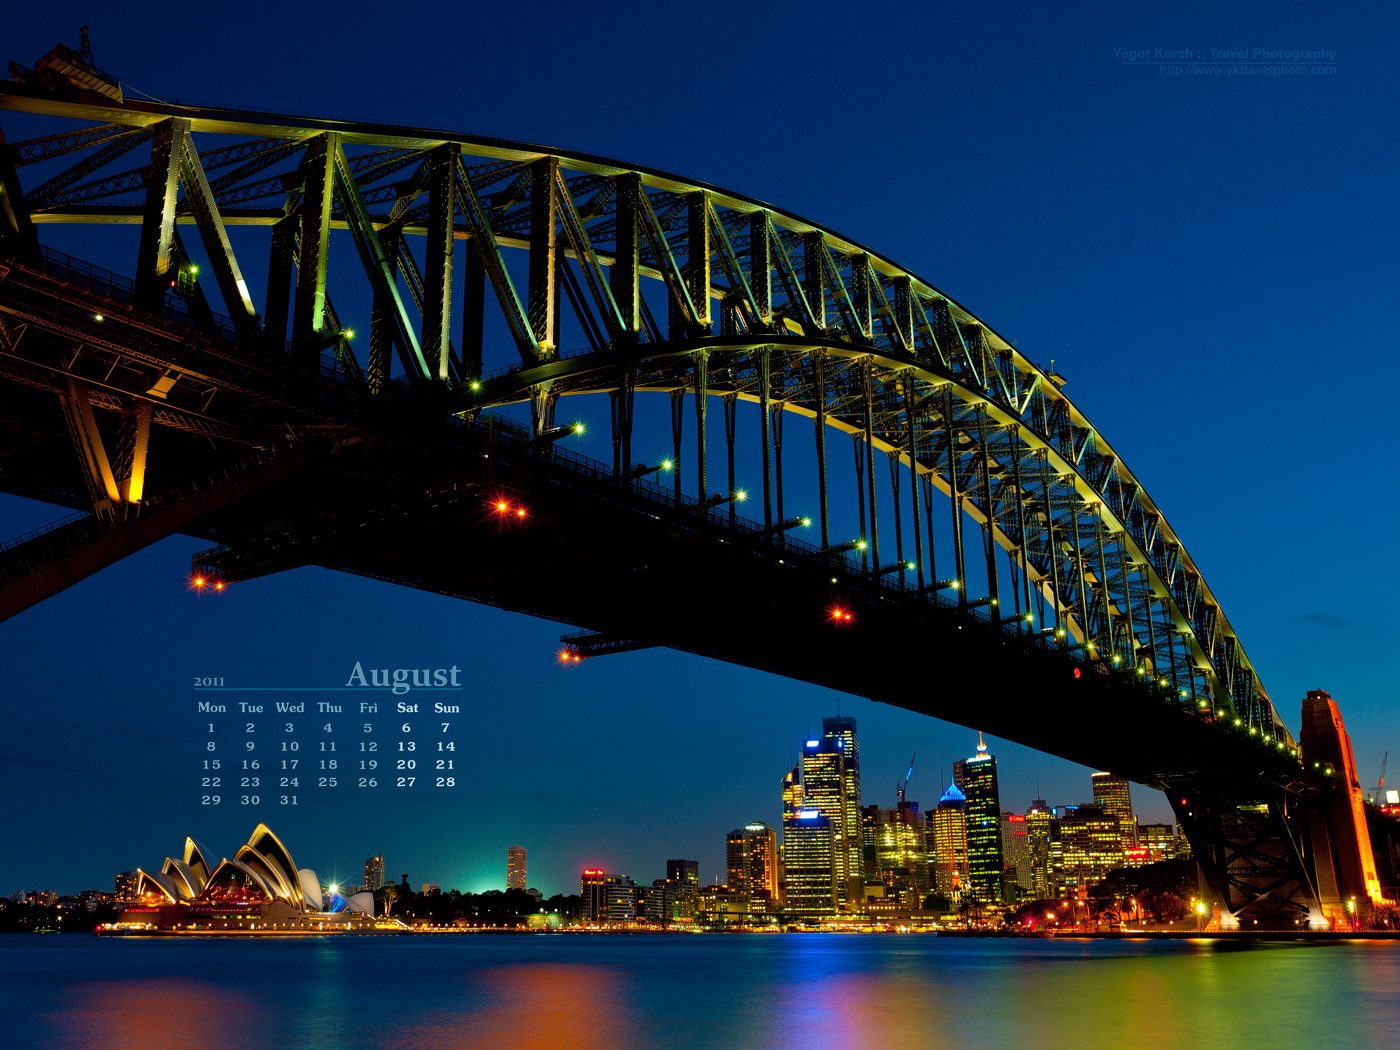 http://3.bp.blogspot.com/-WGPReXPBXf0/TjRXCB9HsDI/AAAAAAAADvw/09E8zd_QNUc/s1600/Sydney-Harbour-Bridge-August-2011-1400x1050-en.jpg